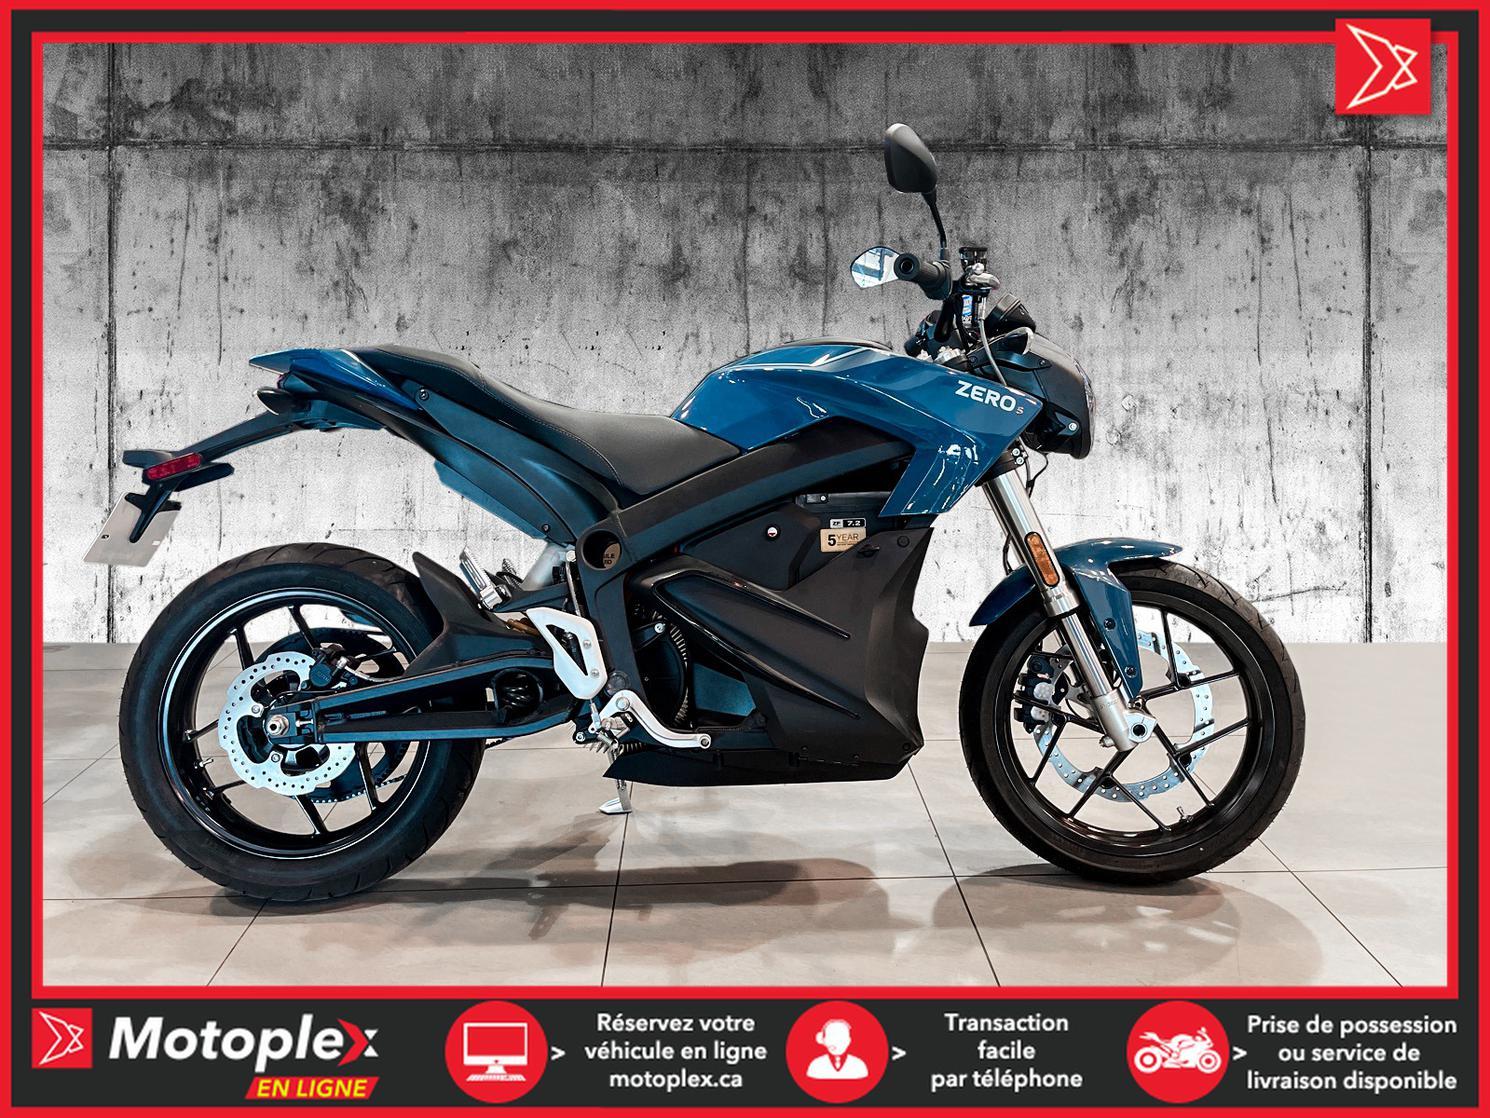 2020 Zero Motorcycles Moto électrique - S 7.2